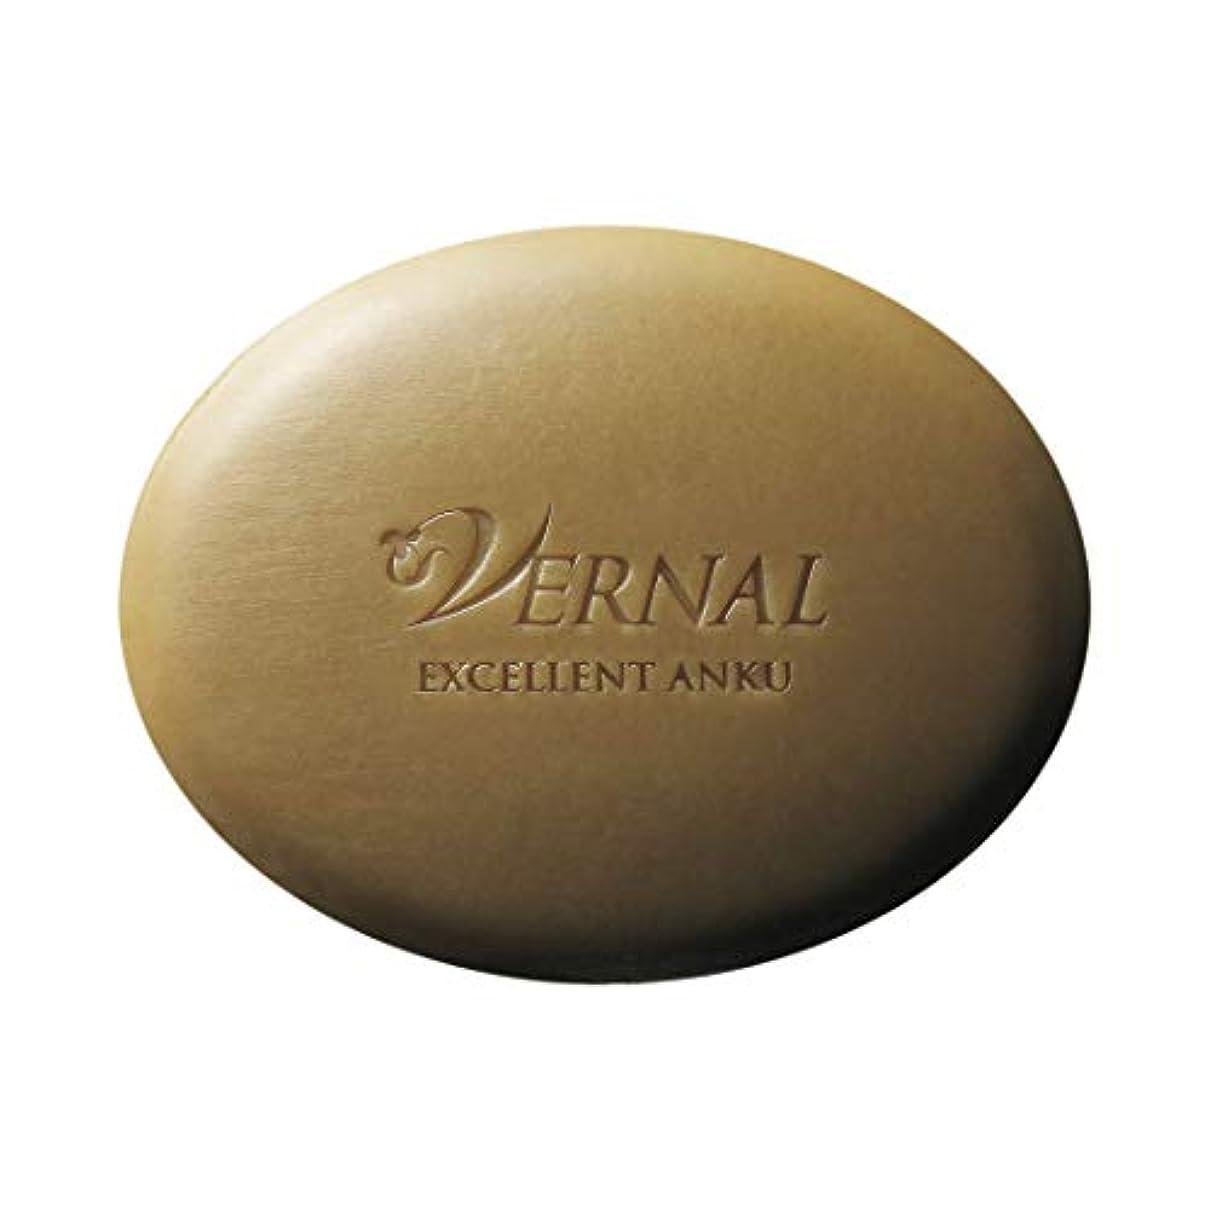 ねじれ苦痛枯渇するエクセレントアンク110g/ヴァーナル 洗顔石鹸 クレンジング石鹸